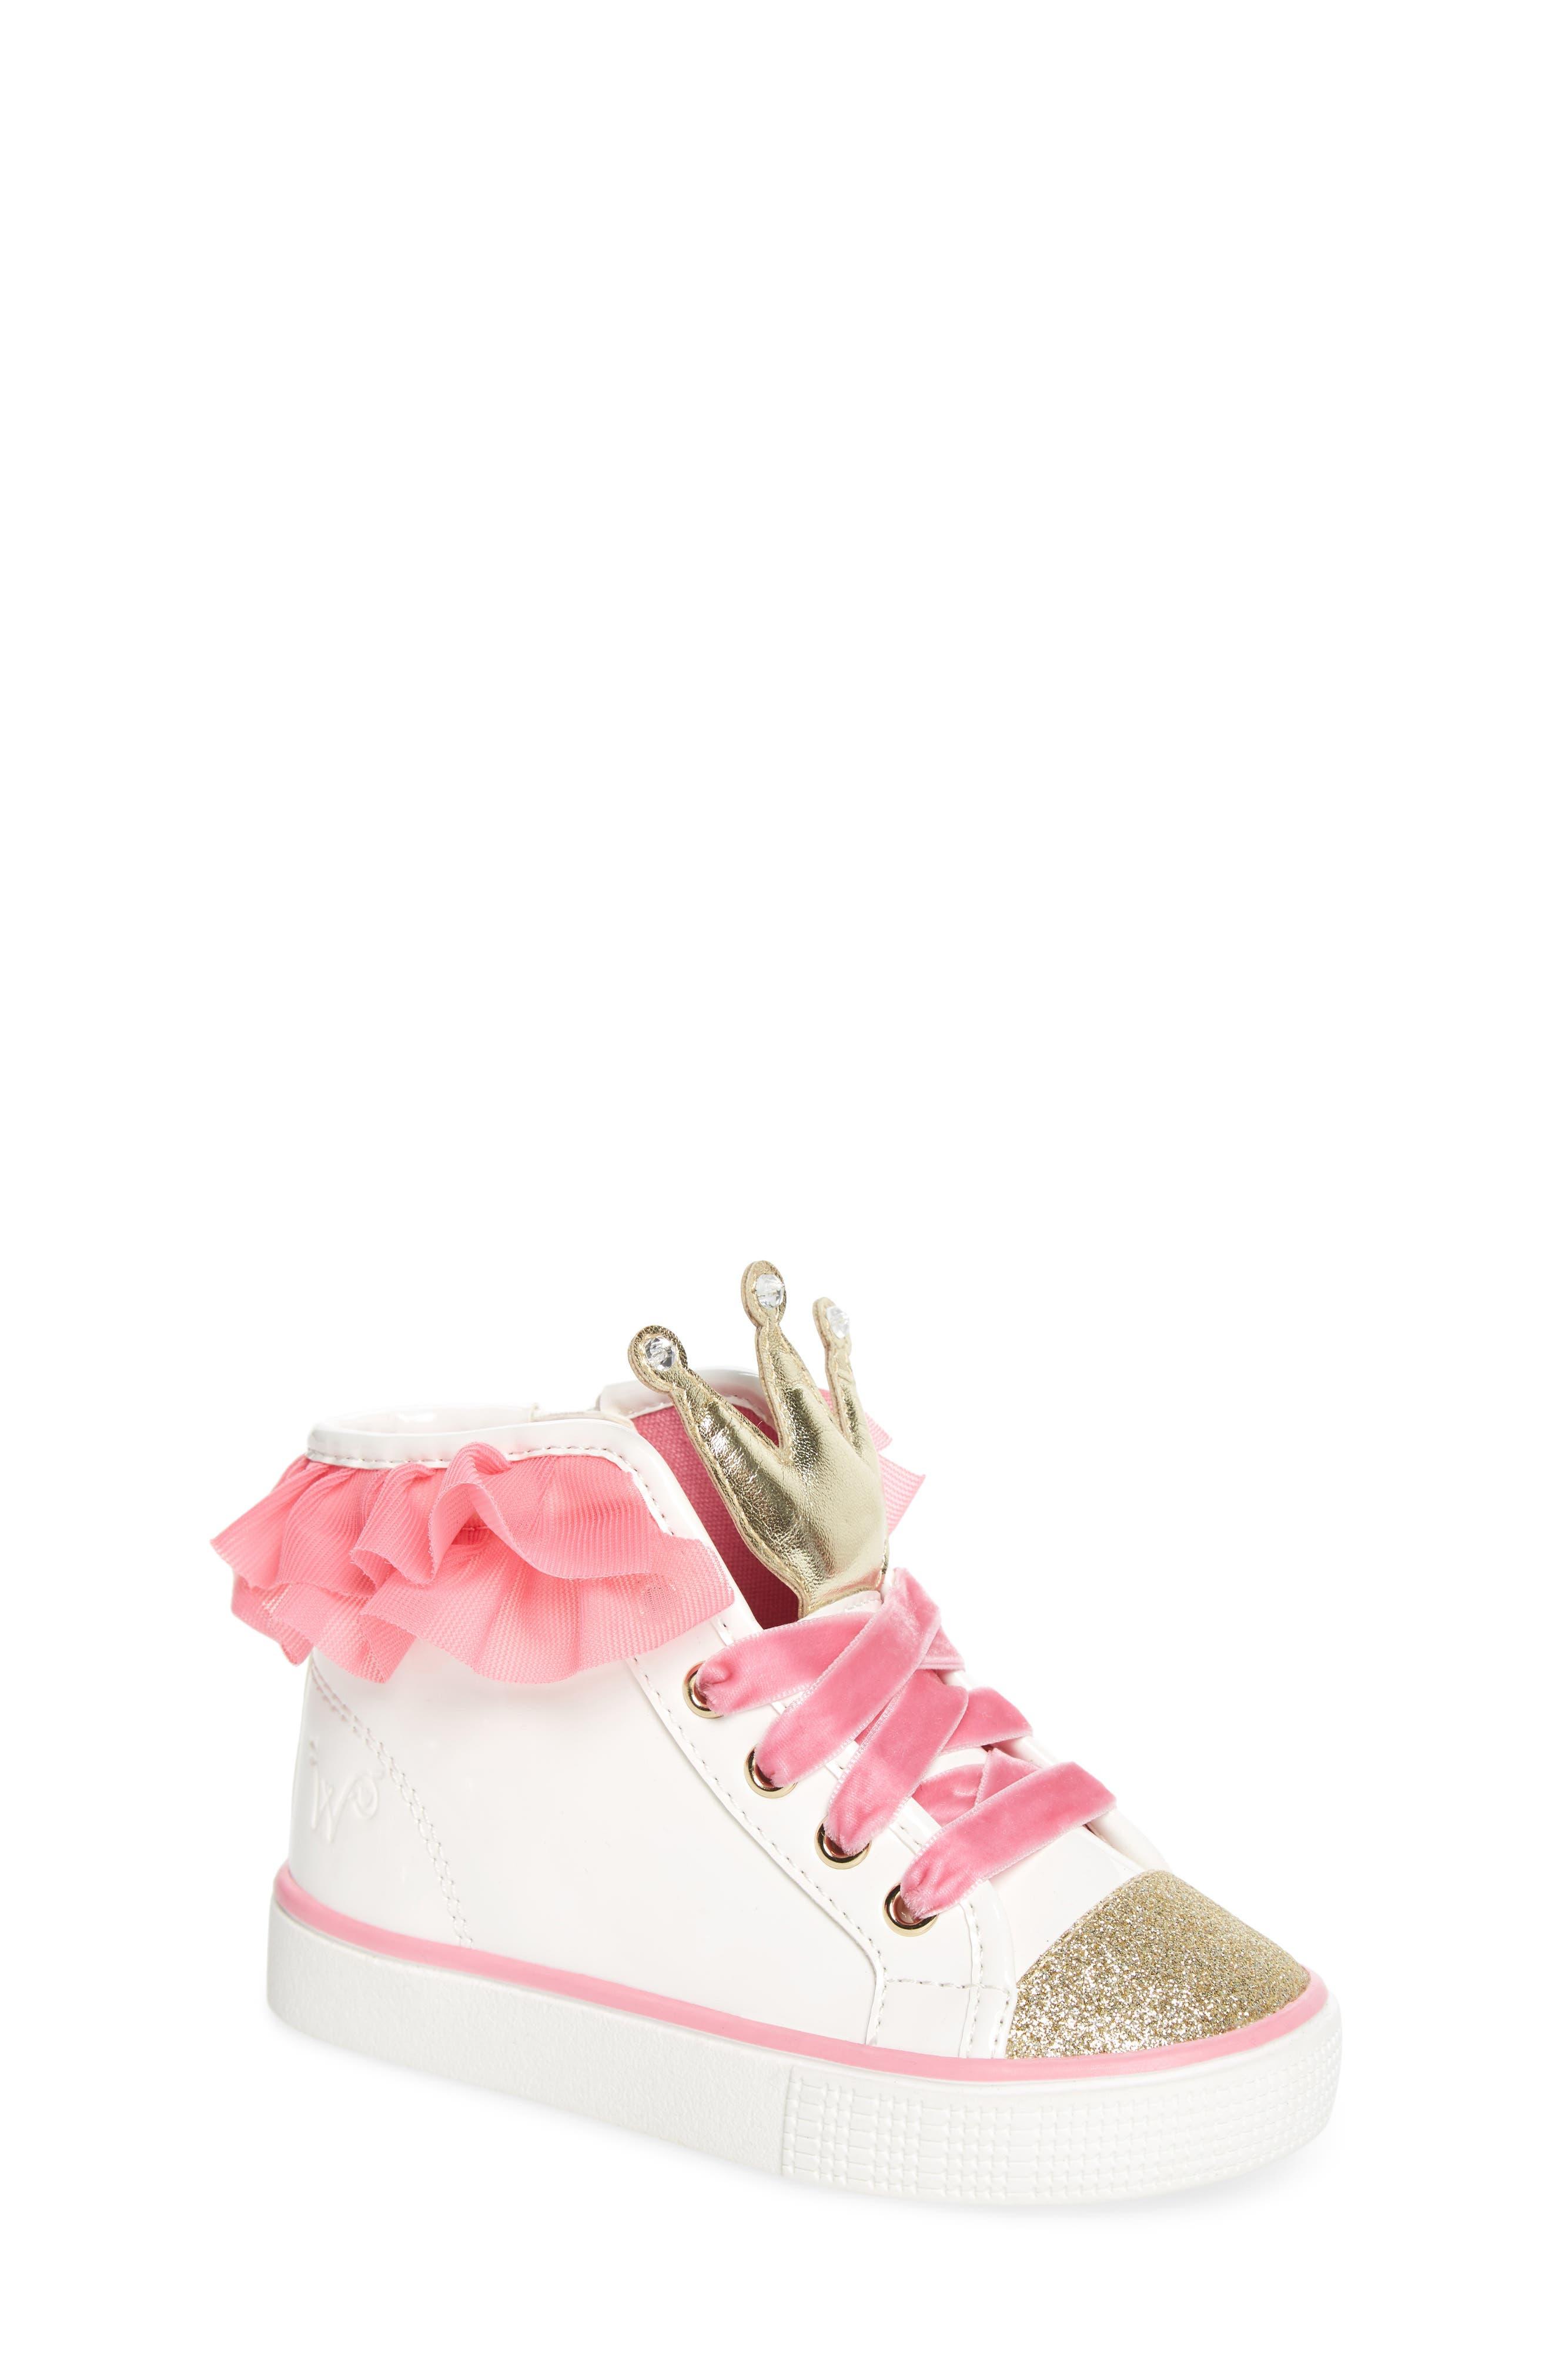 Main Image - WellieWishers from American Girl Ashlyn Crown High Top Sneaker (Walker, Toddler, Little Kid & Big Kid)